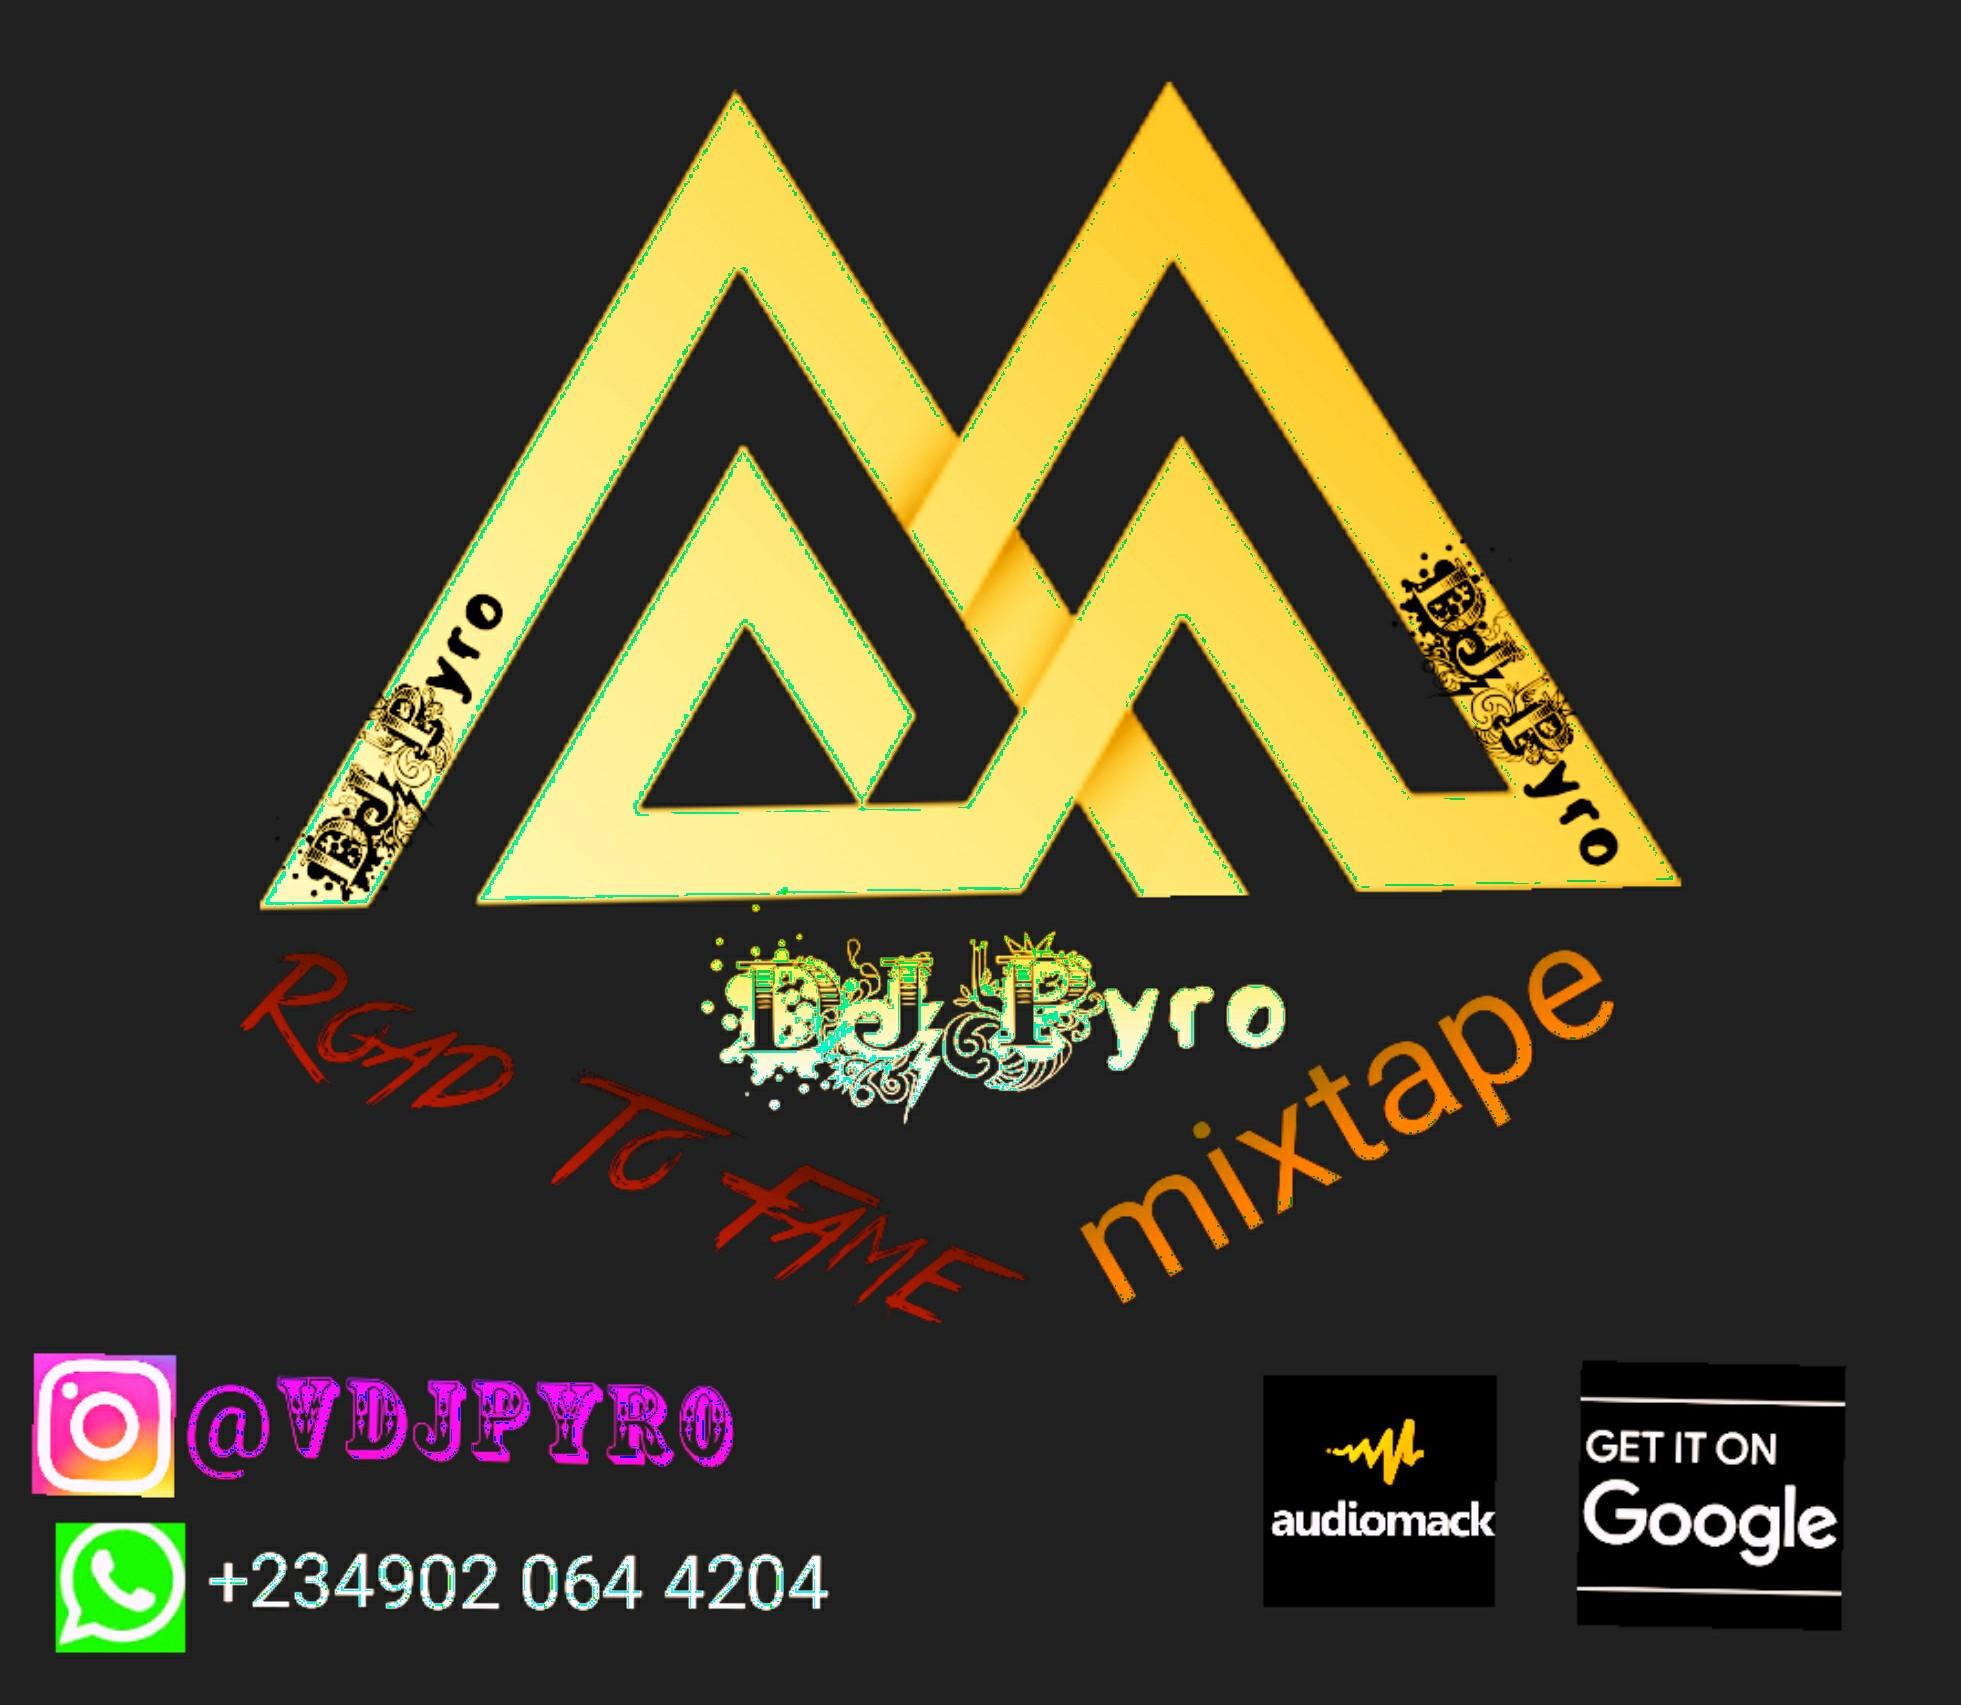 DJ-PYRO-ROAD-TO-FAME